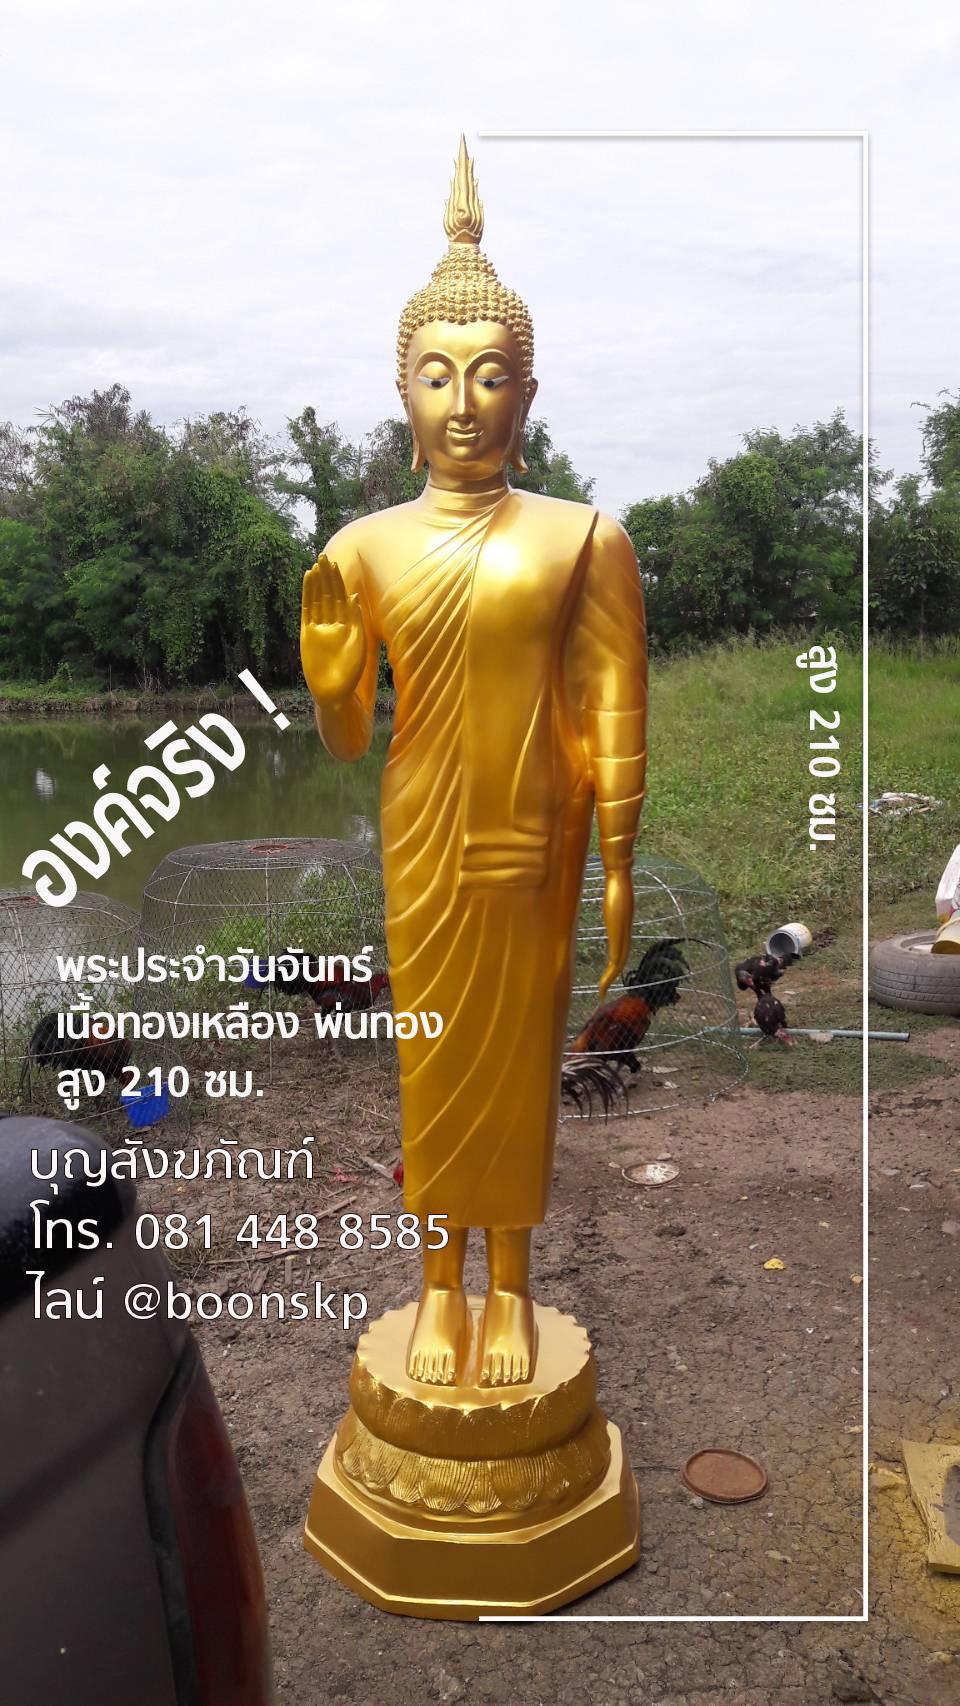 พระประจำวันจันทร์ เนื้อทองเหลือง ราคาไม่แพง สูง 210 ซม.